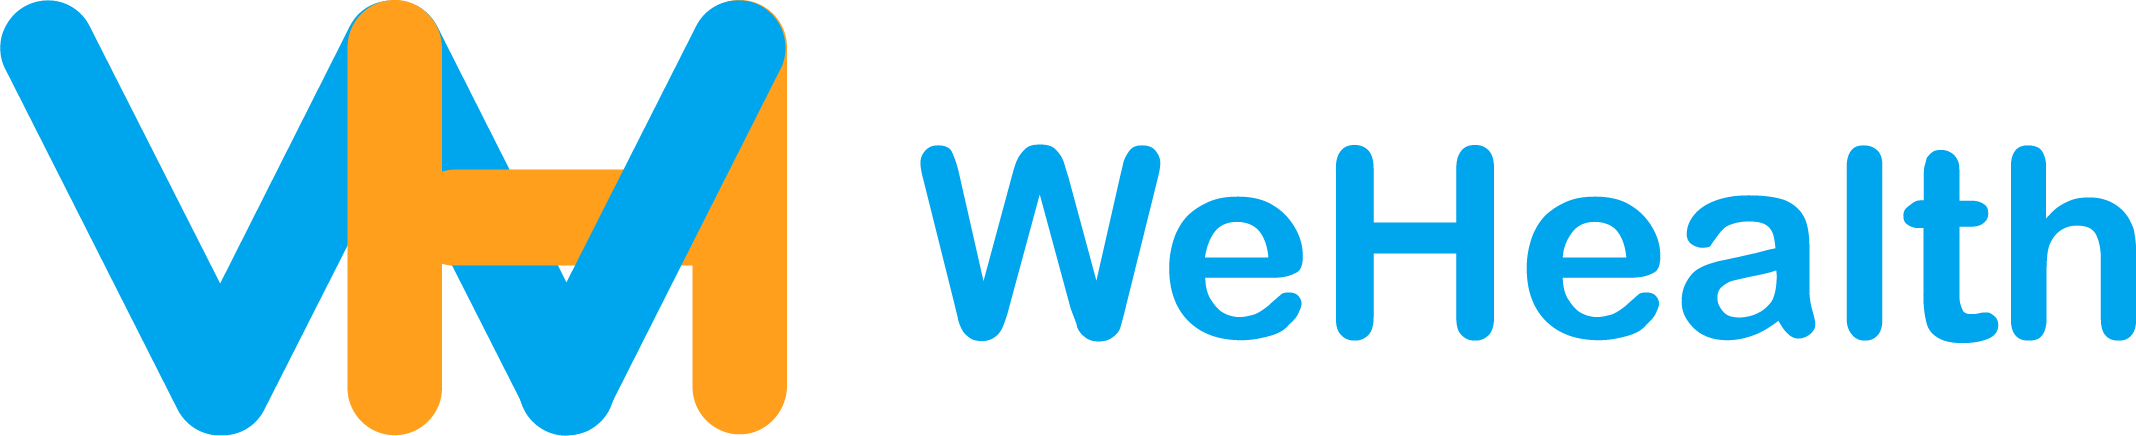 WeHealthApp